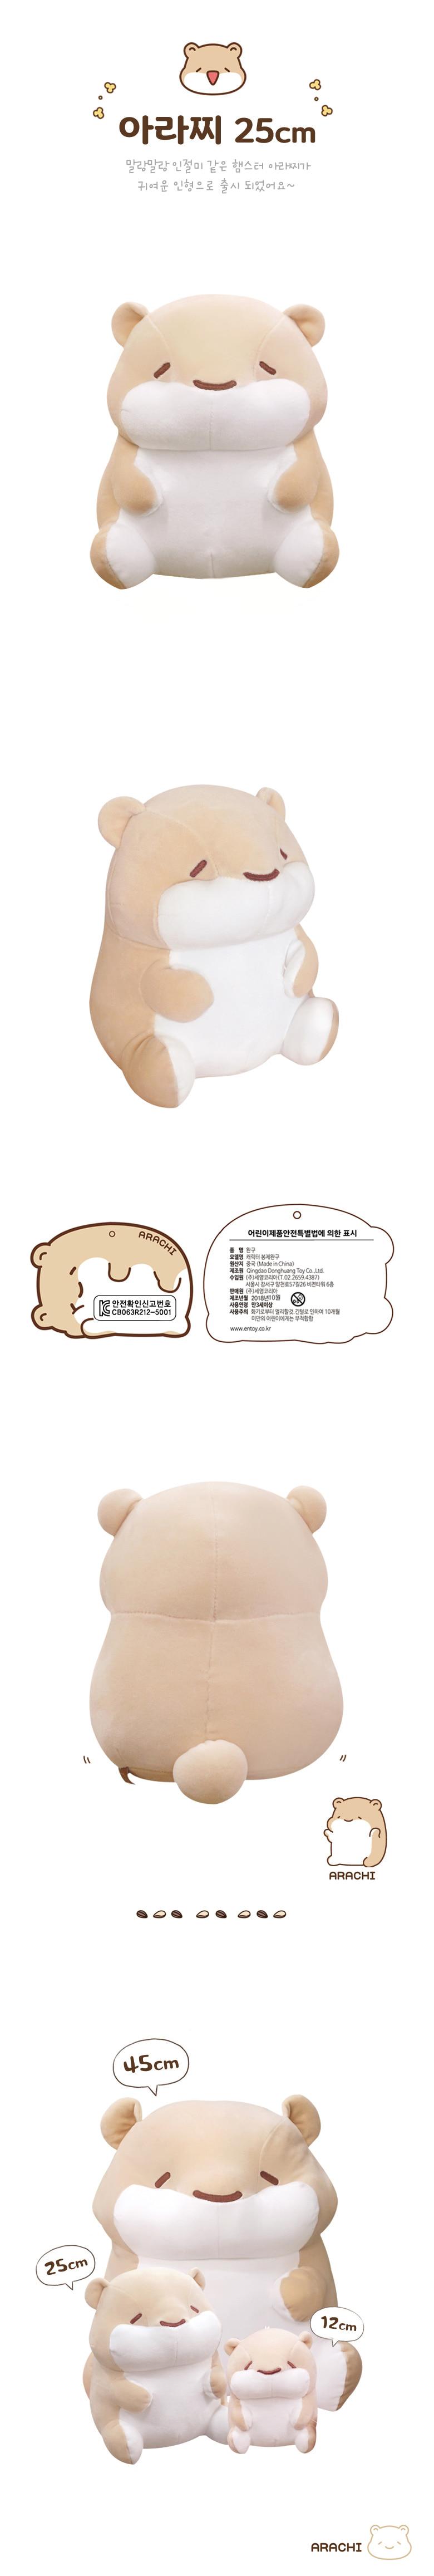 아라찌인형 25cm - 카리노, 16,000원, 캐릭터인형, 기타 캐릭터 인형